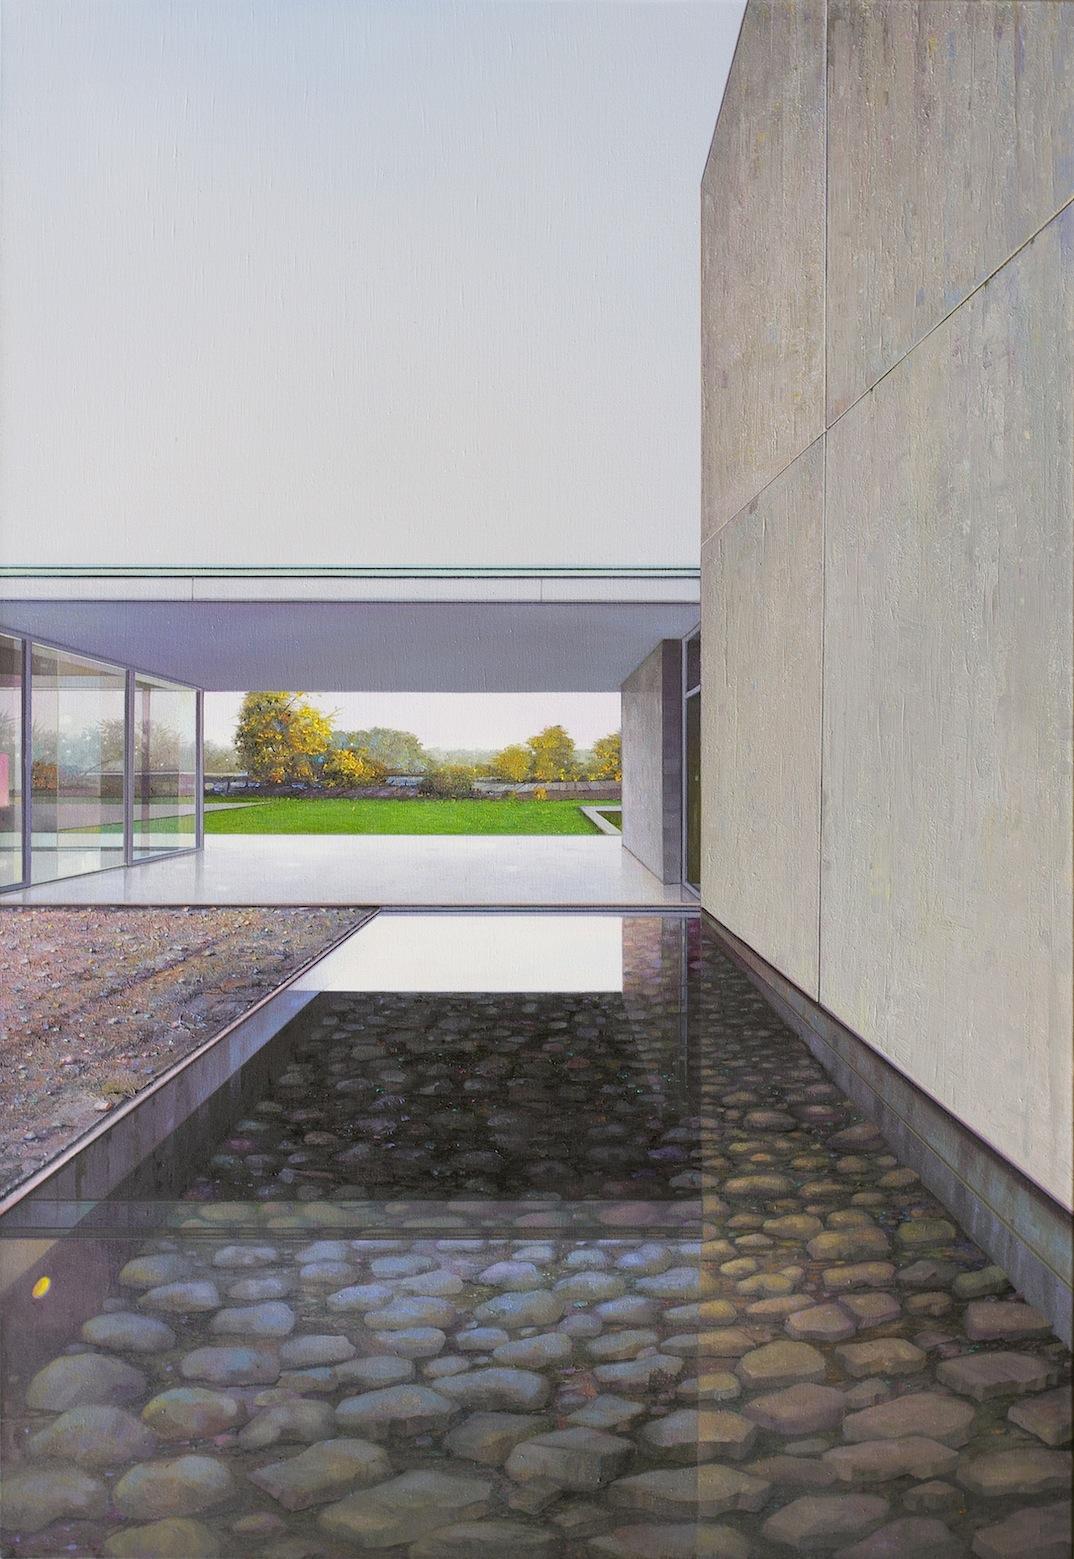 Jens Hausmann, Deutsches Wasser, Oleo sobre Tela, 160 x 110 cm, 2016